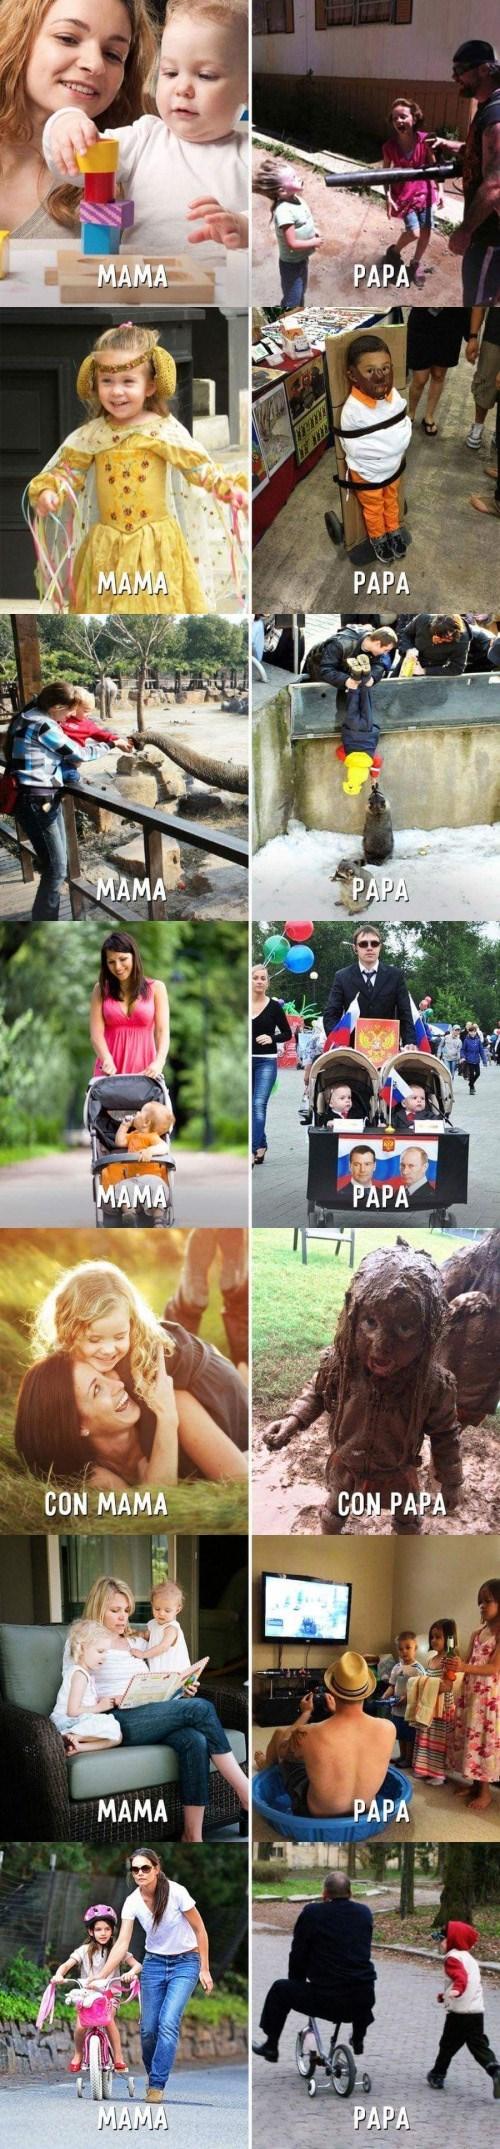 papas vs mamas